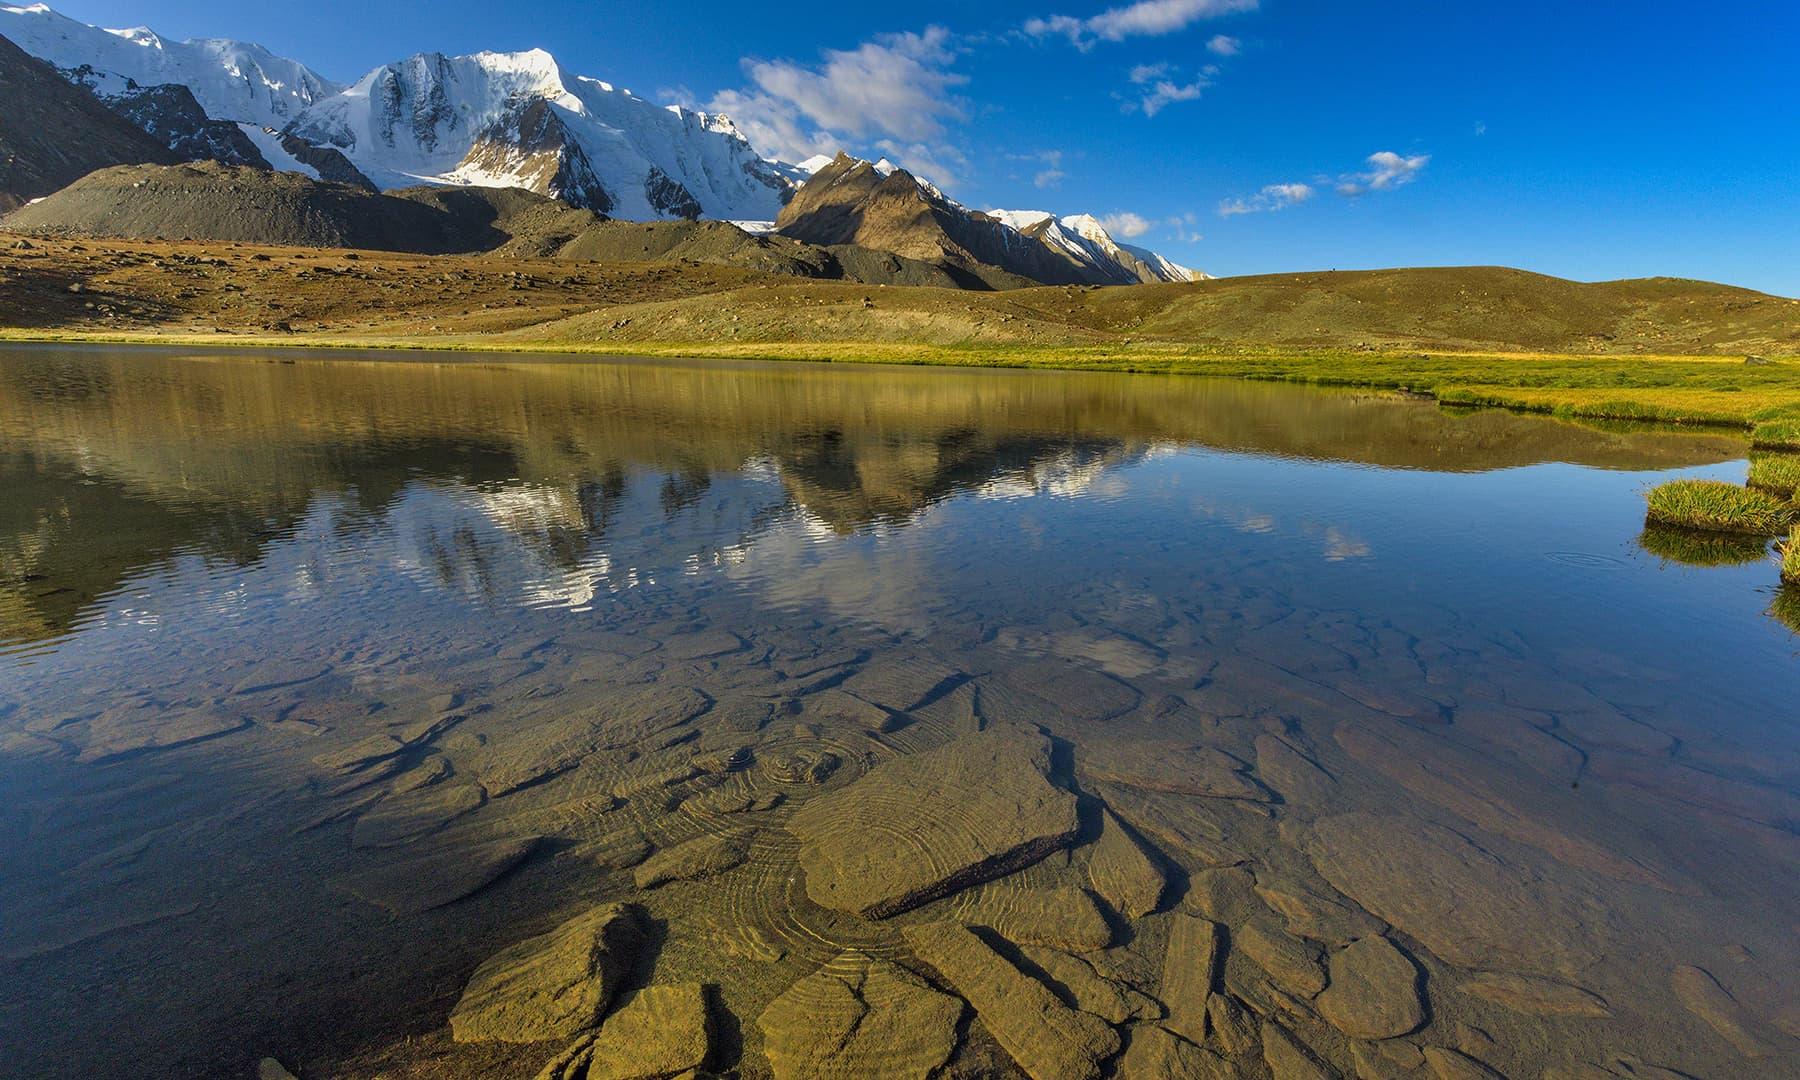 لیلیٰ رباط سے کرومبر کو جاتے راستے میں پڑنے والی ایک جھیل—سید مہدی بخاری